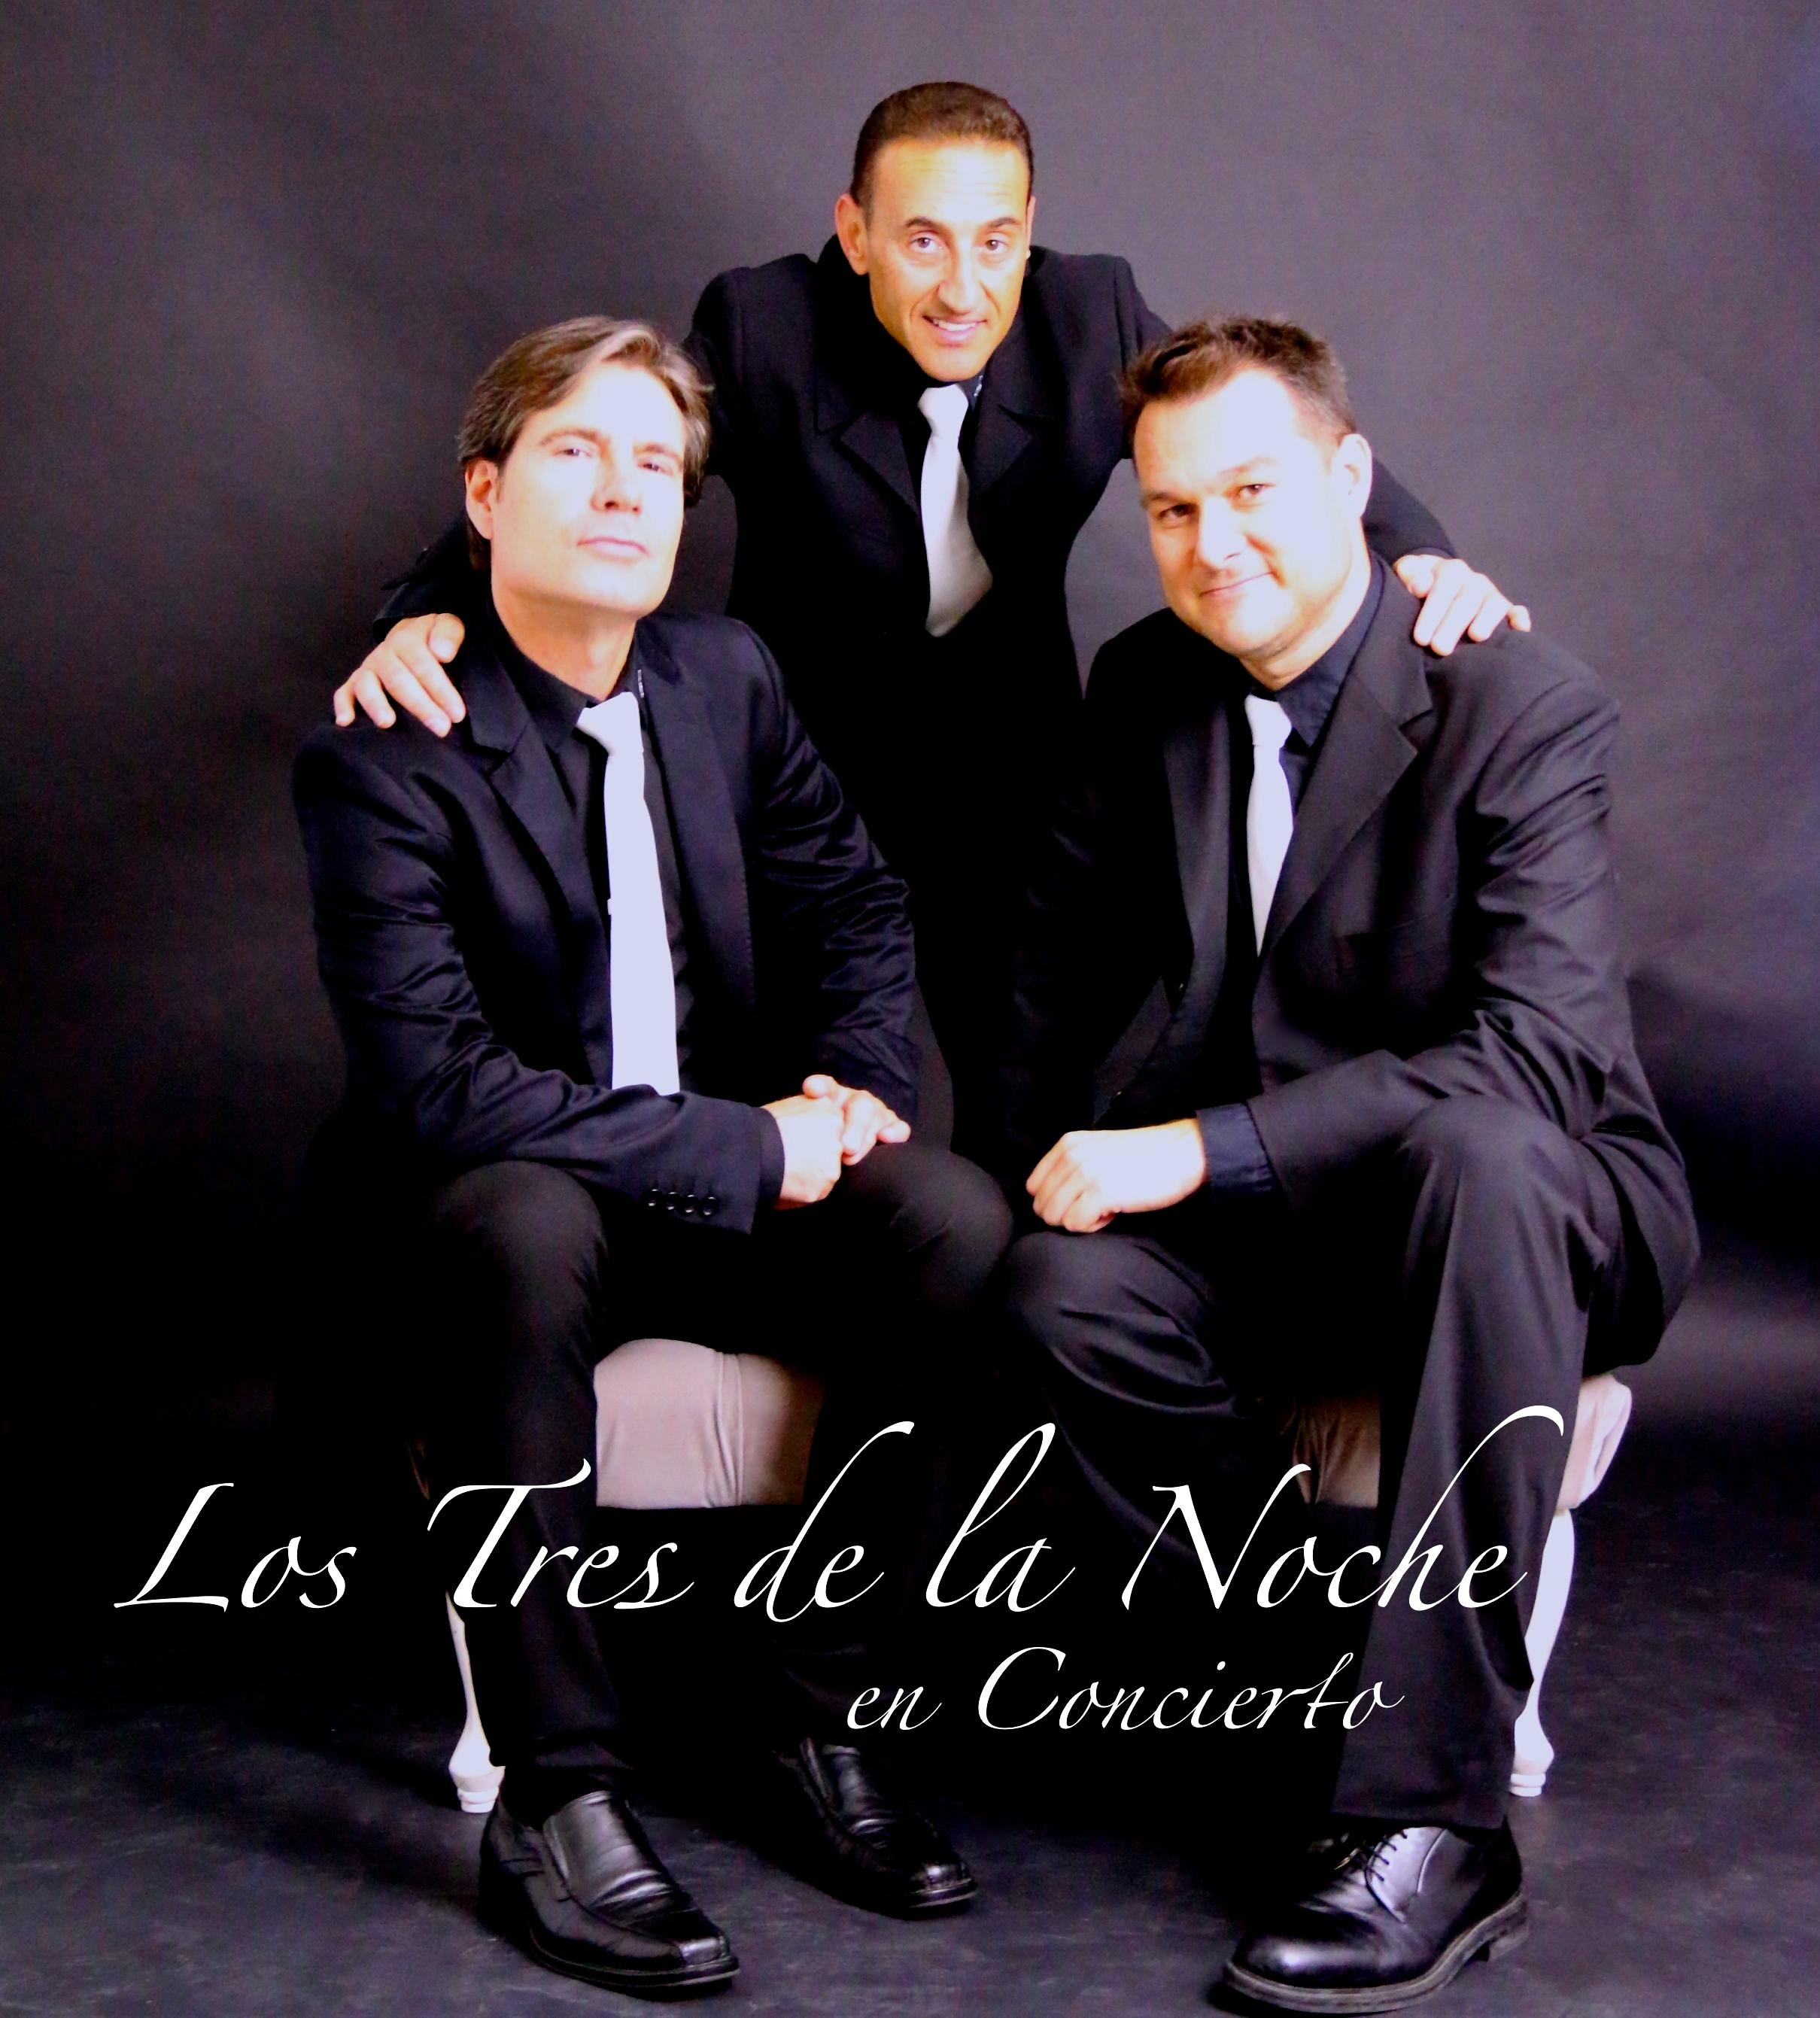 Los Tres de la Noche7